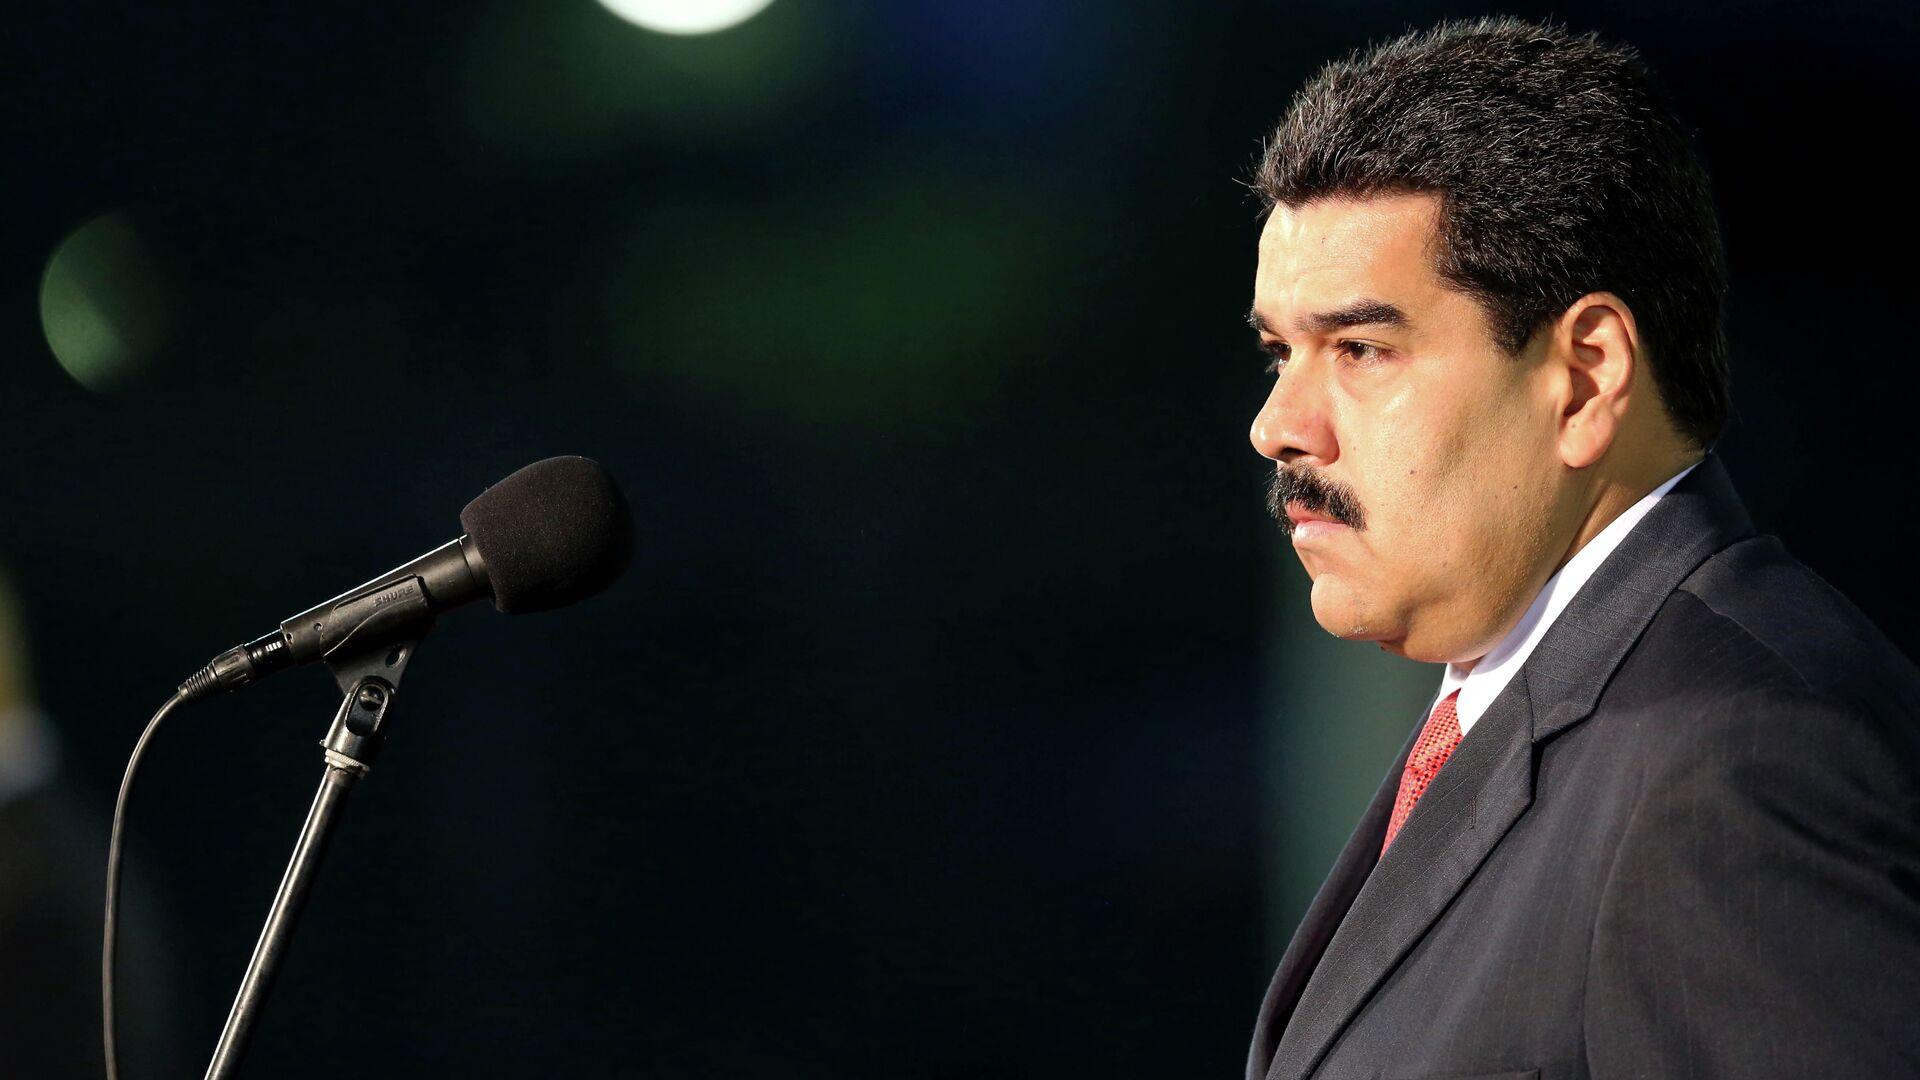 Nicolás Maduro, el presidente de Venezuela - Sputnik Mundo, 1920, 24.05.2021